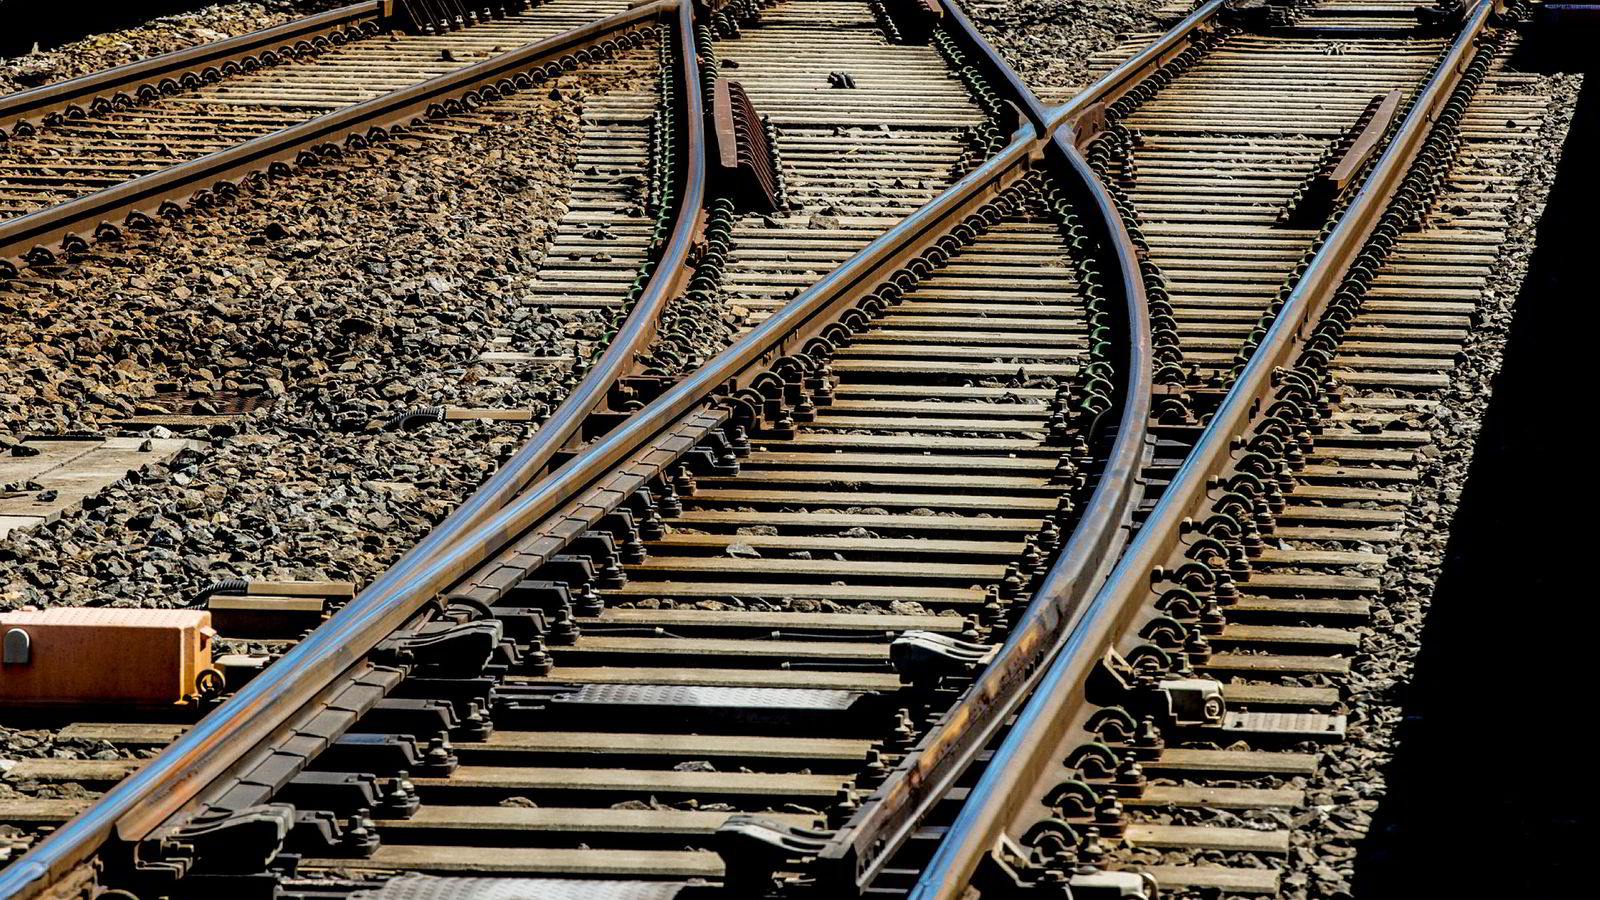 Bygges det jernbane i Nord-Norge, vil så godt som hele investeringen være et tap for samfunnet.